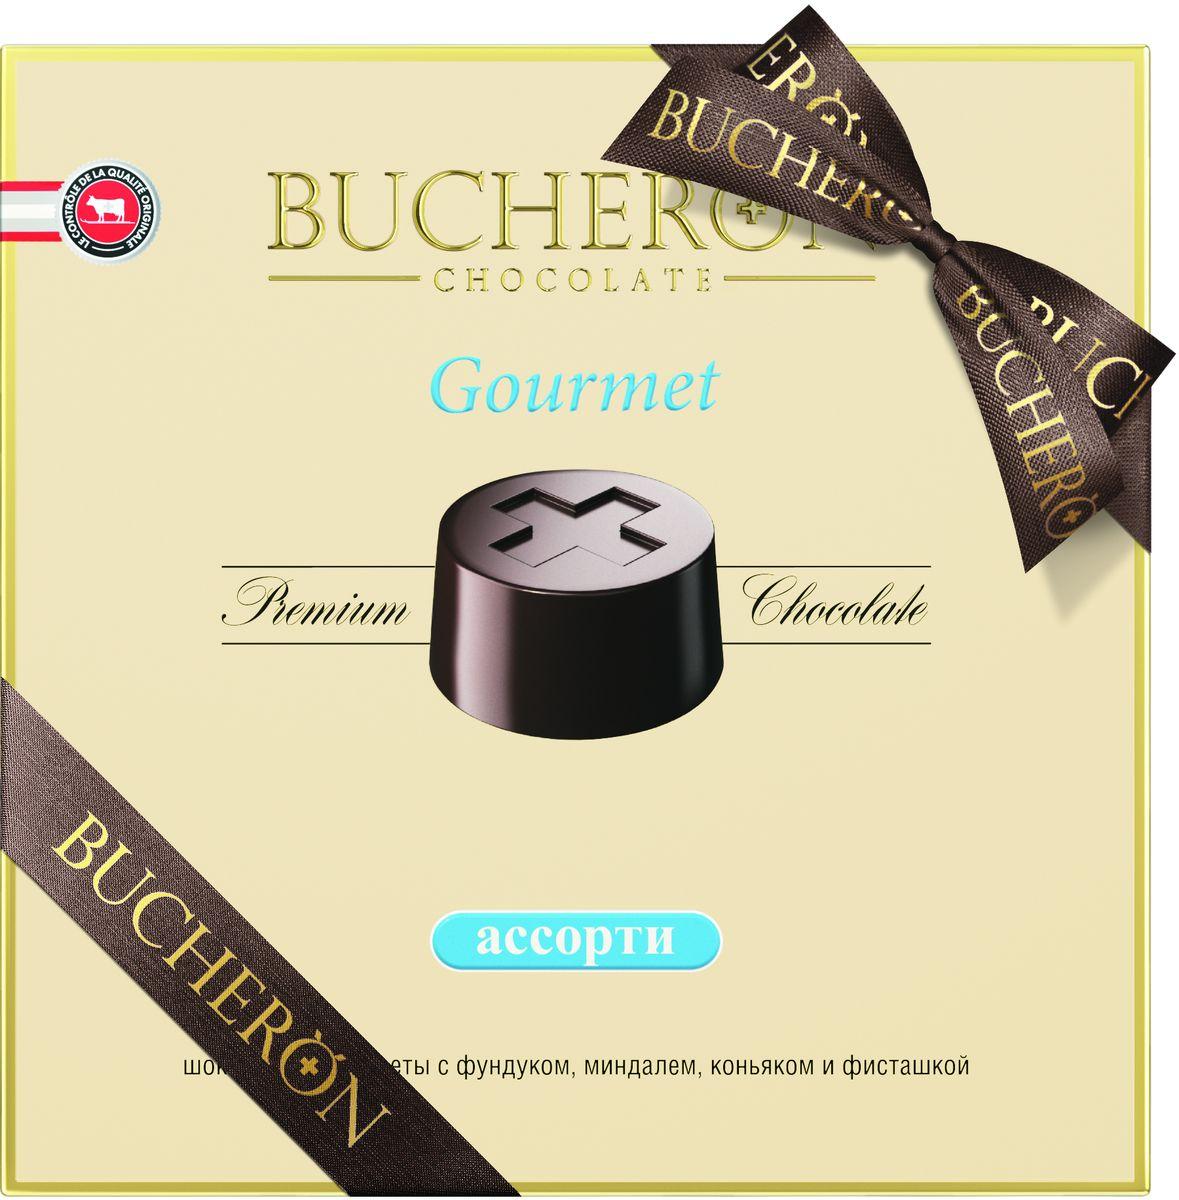 Bucheron Gourmet конфеты ассорти, 180 г